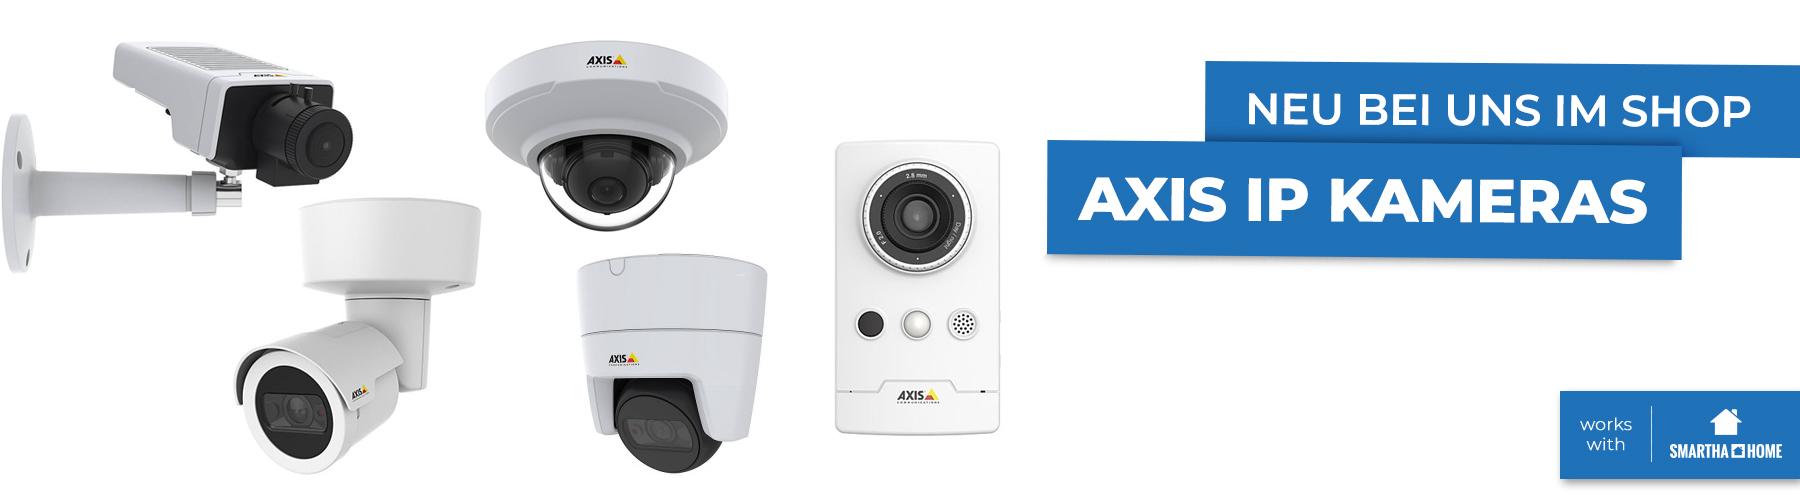 Axis IP Kameras